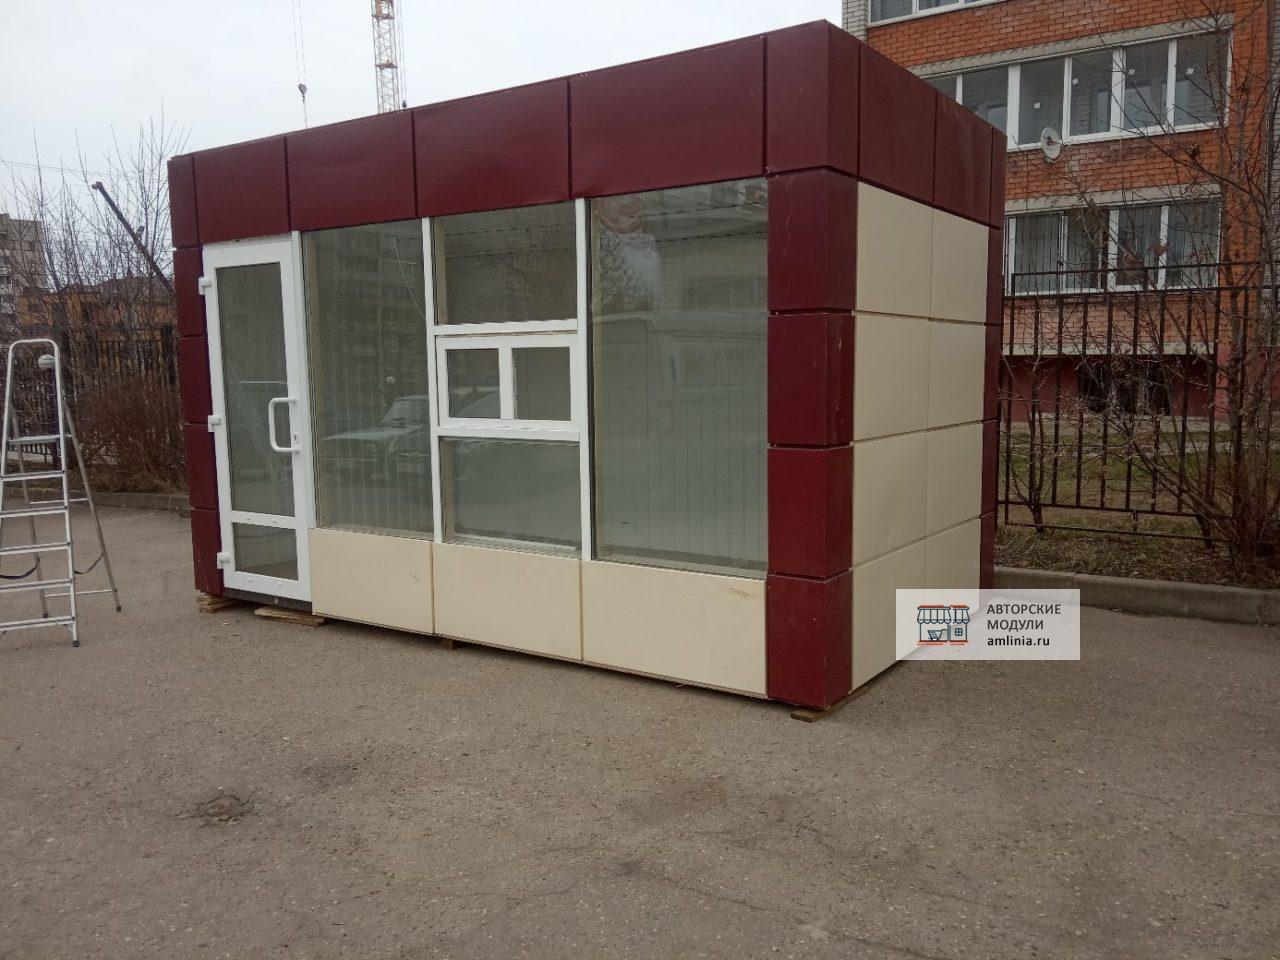 Универсальный павильон торговый с входом, размеры 4,5 х 2,5 х 2,87 метра (со входом или с окном выдачи)